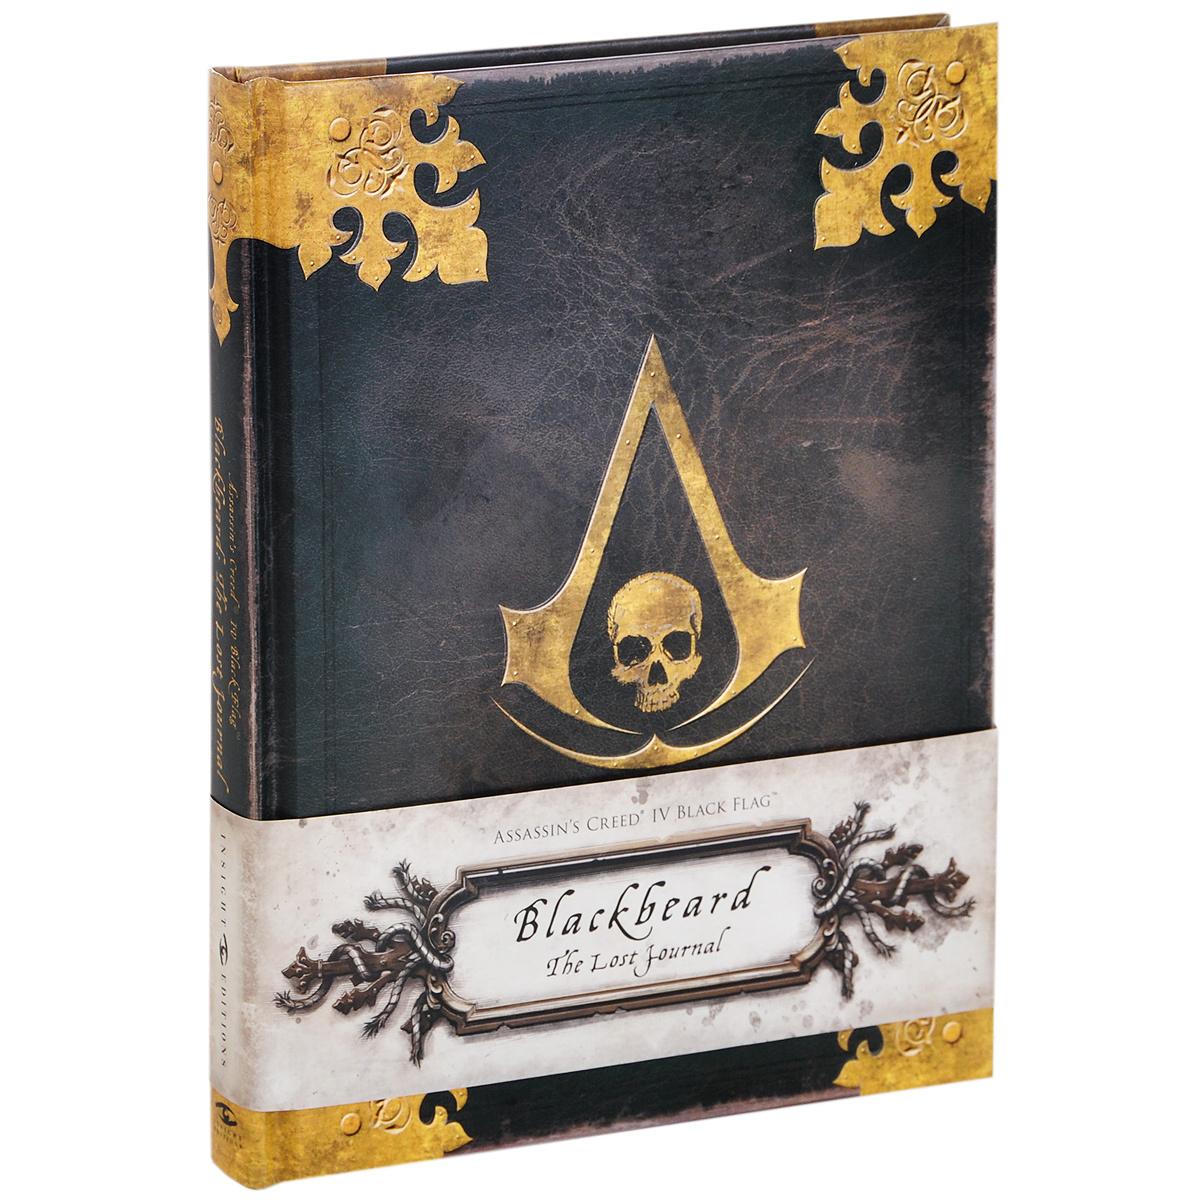 Assassin's Creed IV Black Flag: Blackbeard: The Lost Journal #1